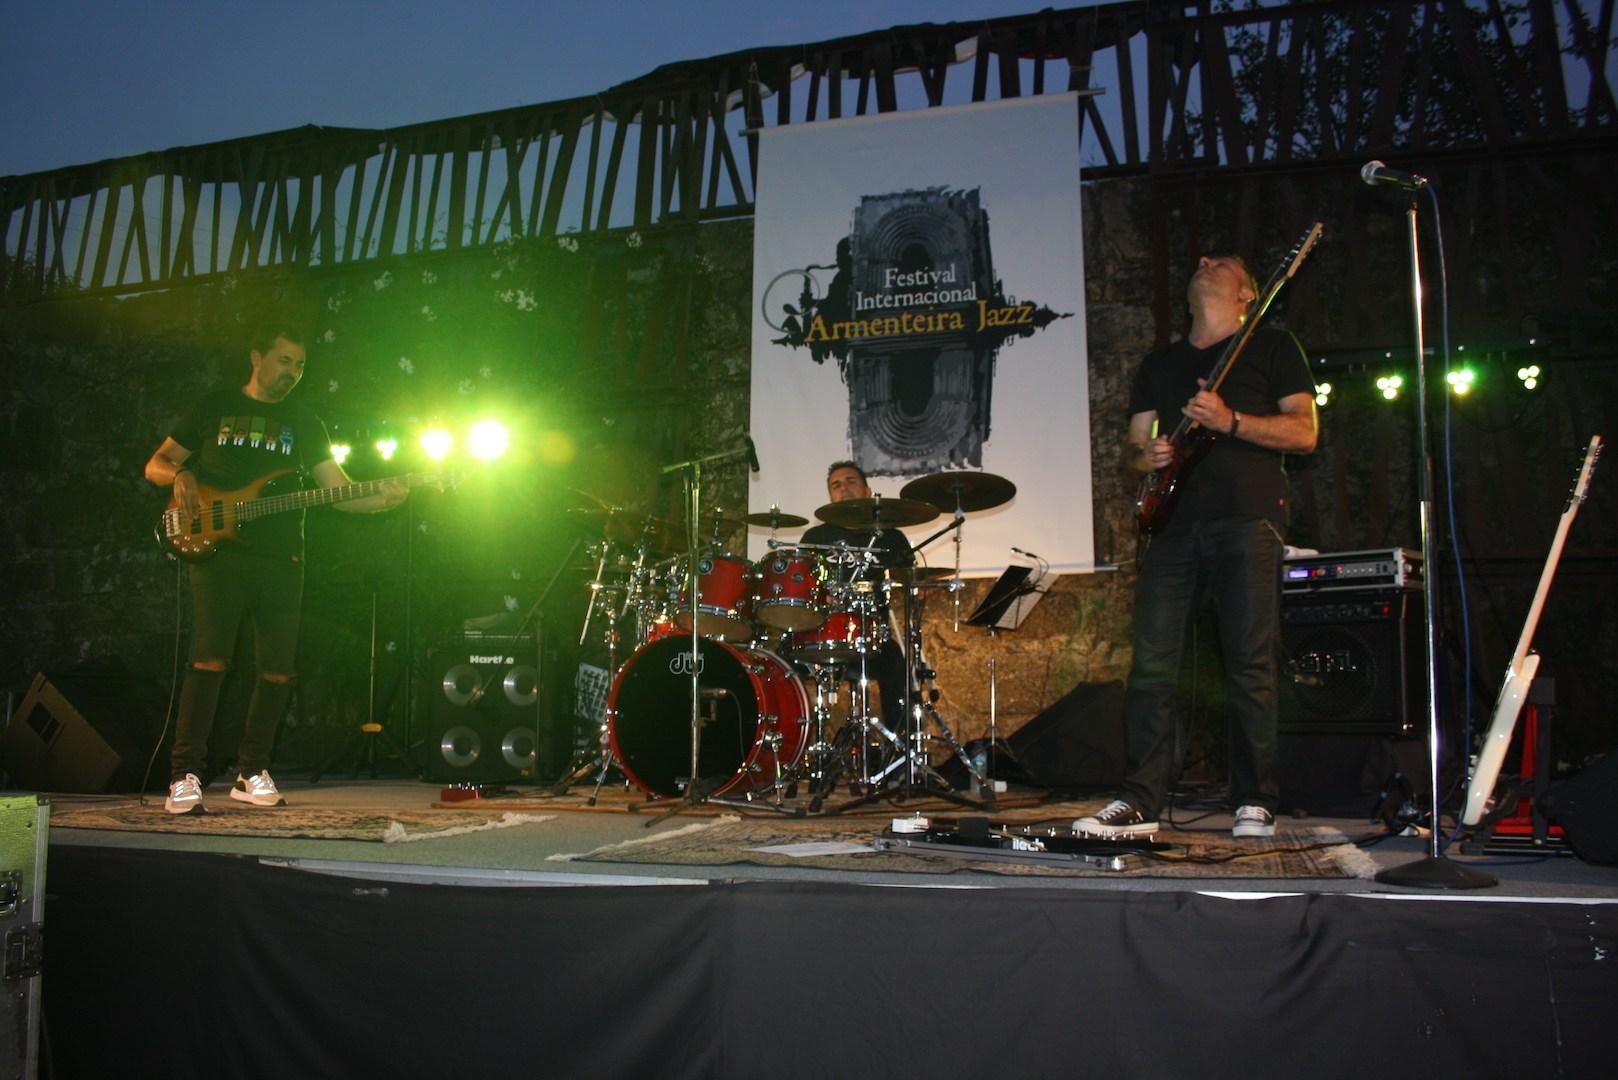 MR.RIVER en el escenario de armenteira jazz